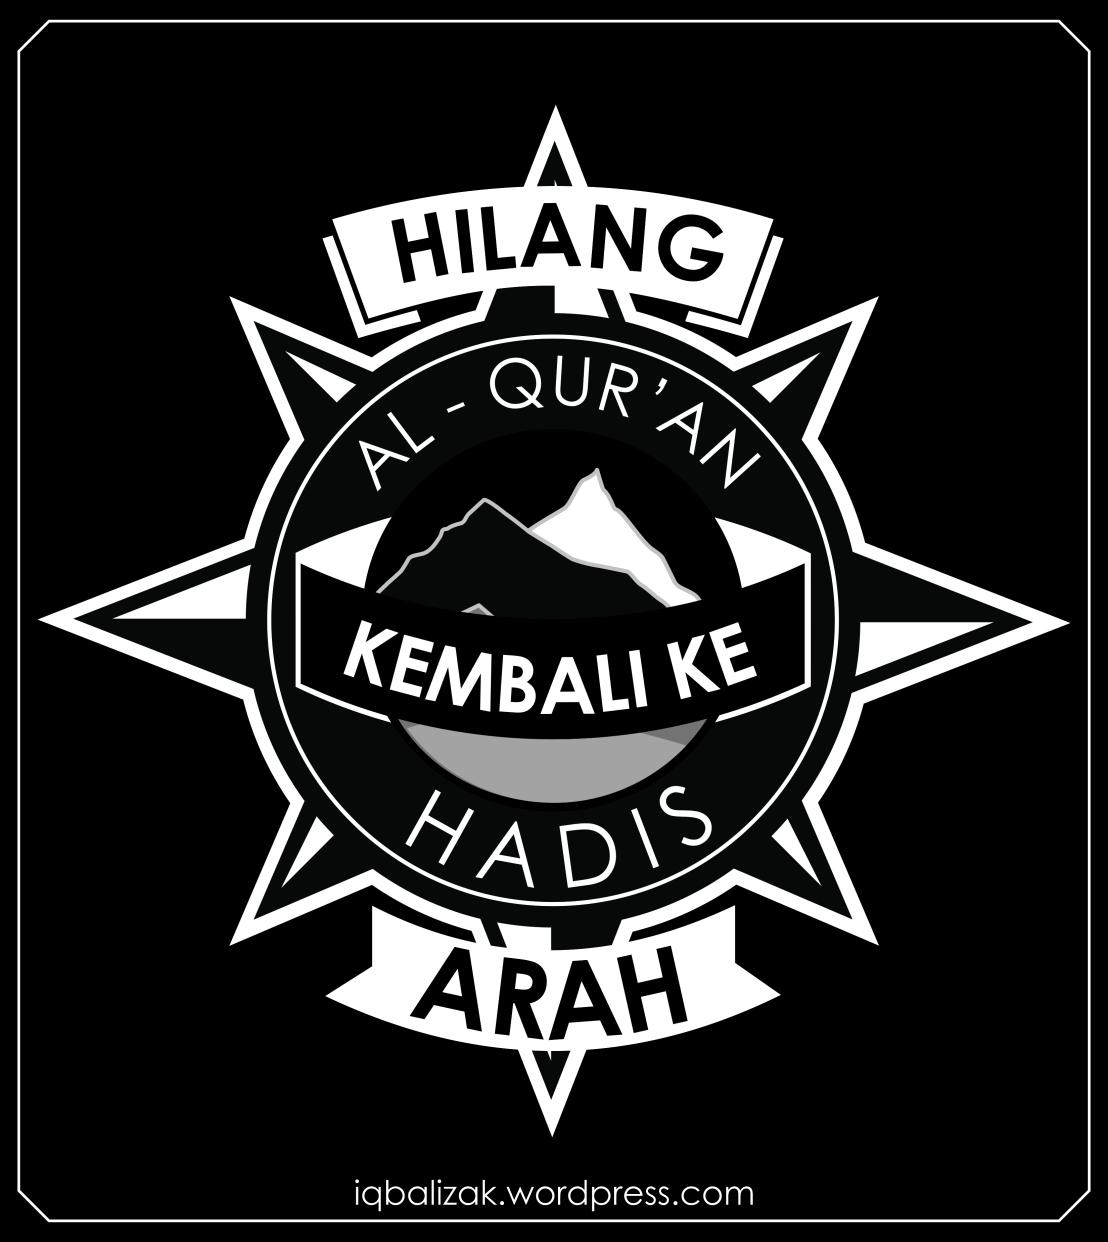 HILANG ARAH